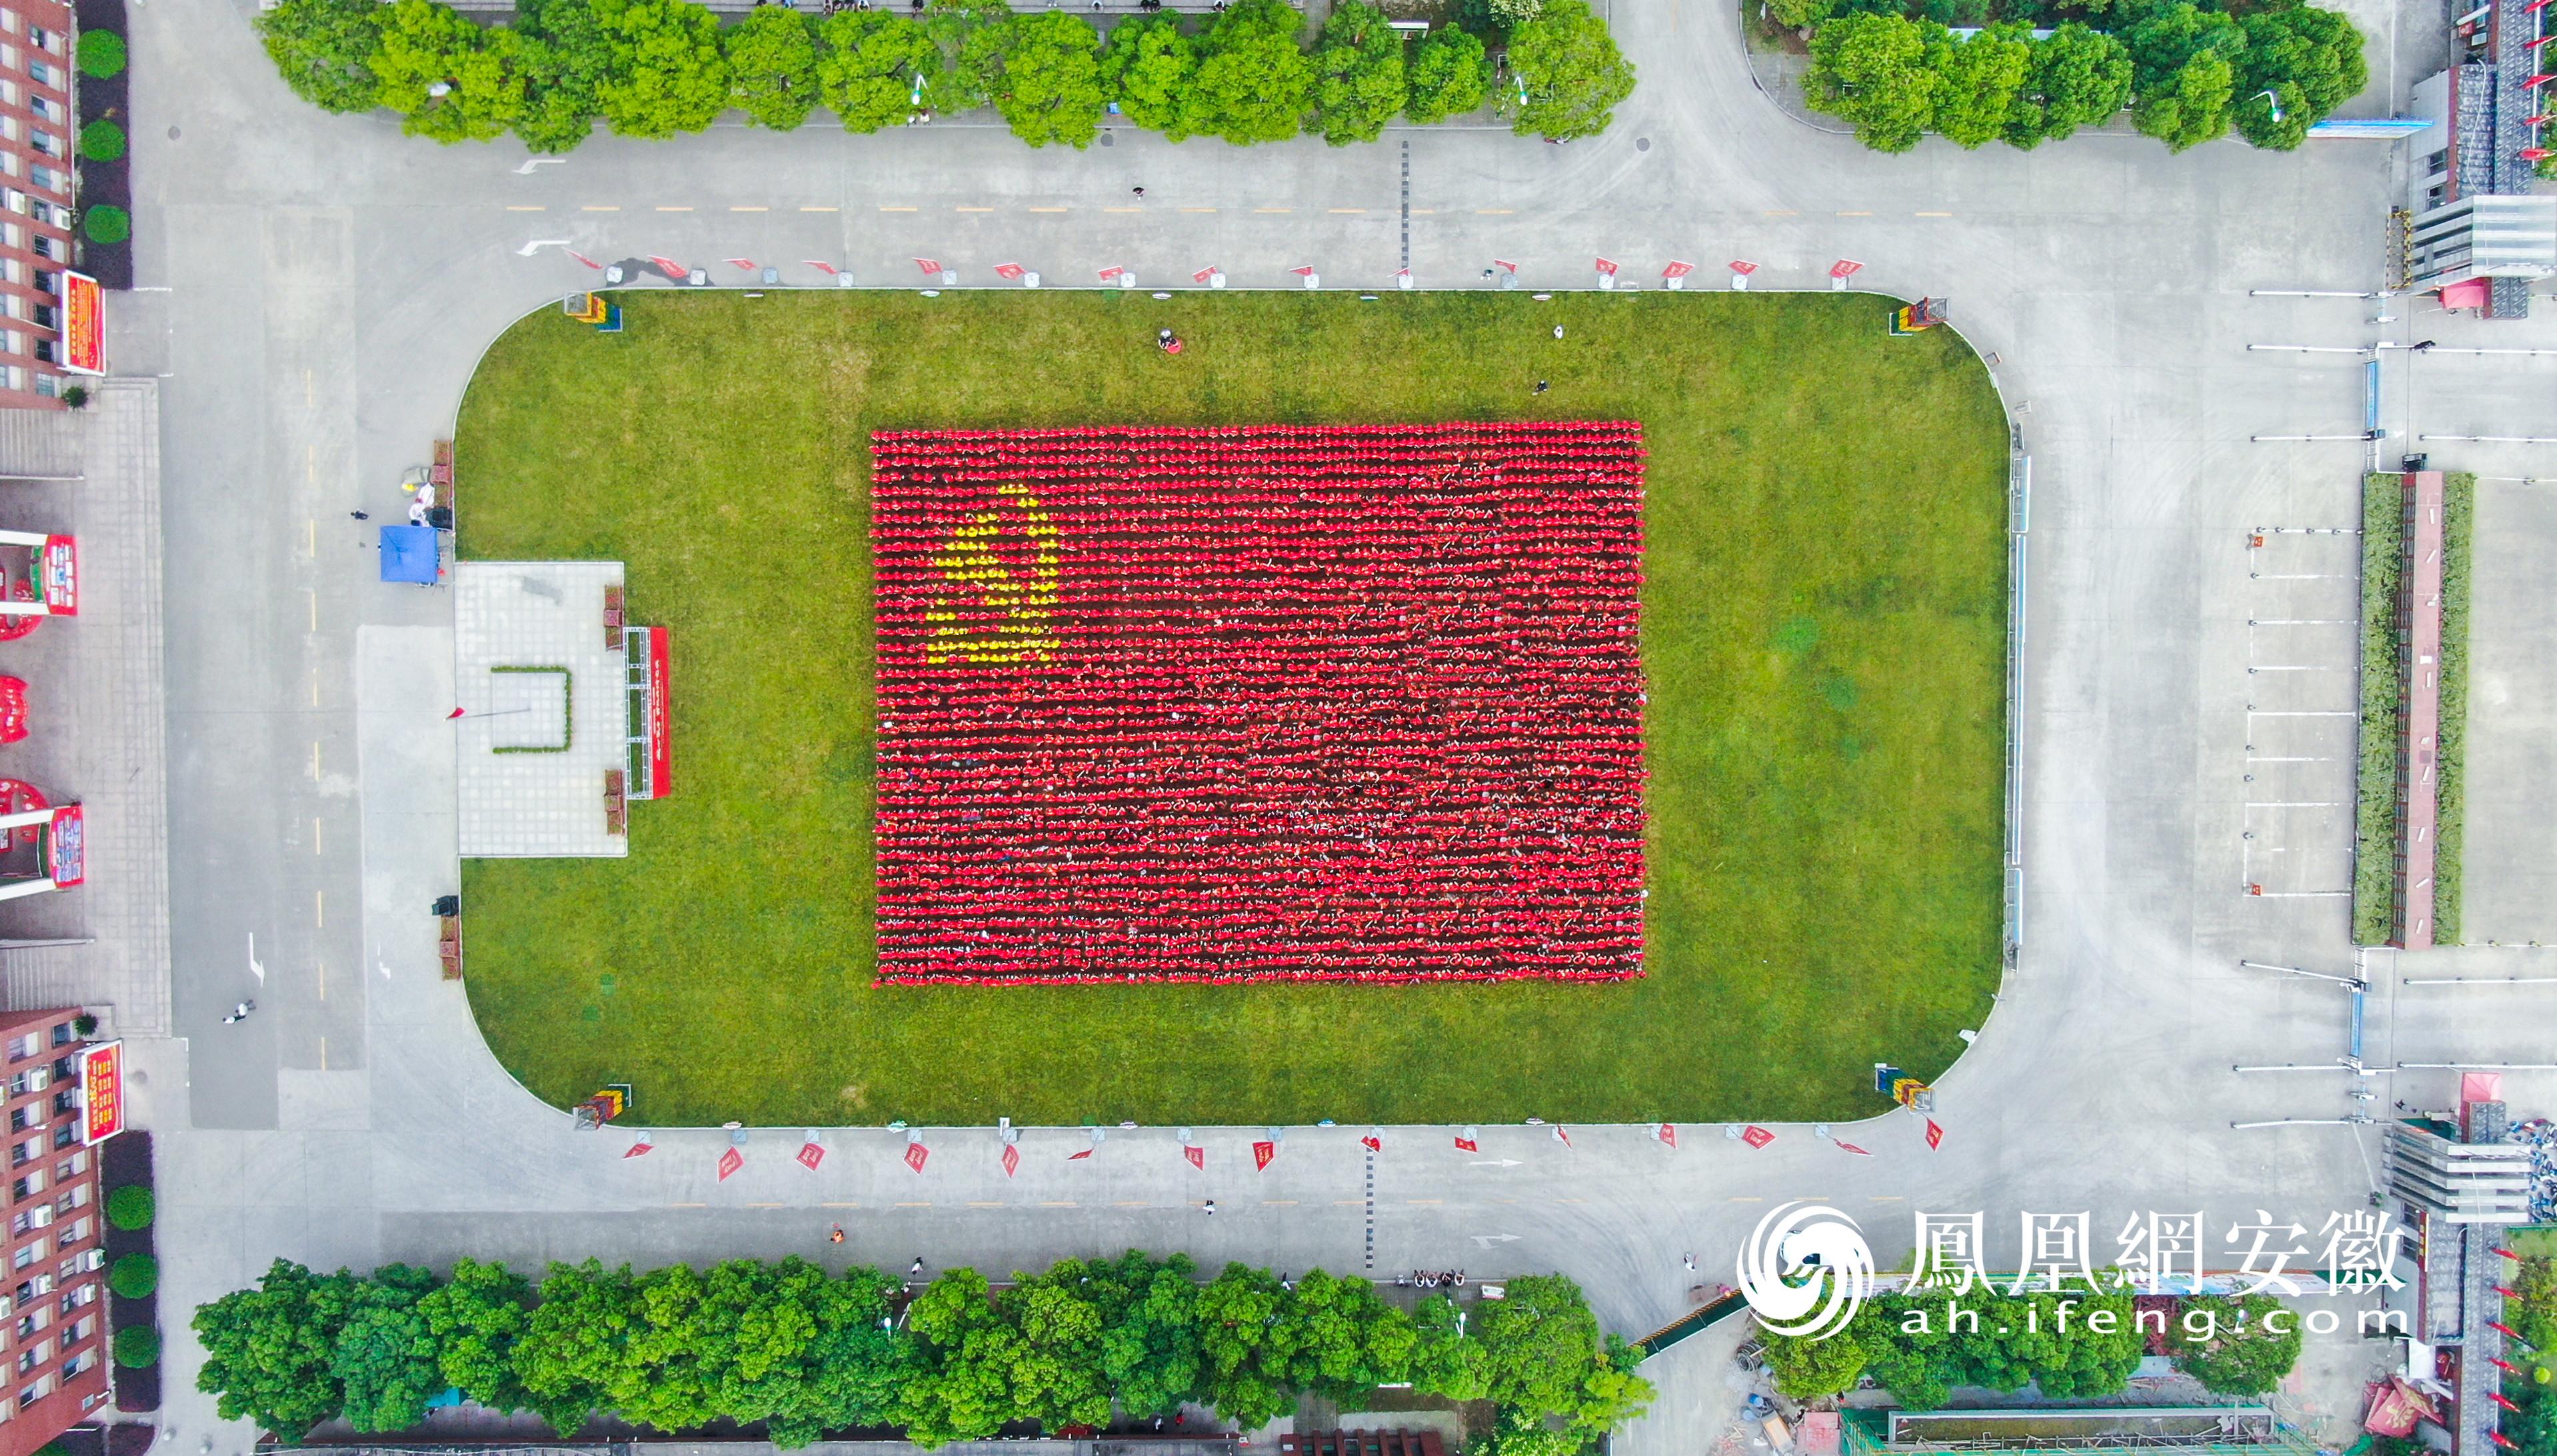 一面党旗一颗初心 安徽合肥这所学校举行百校共拼党旗活动